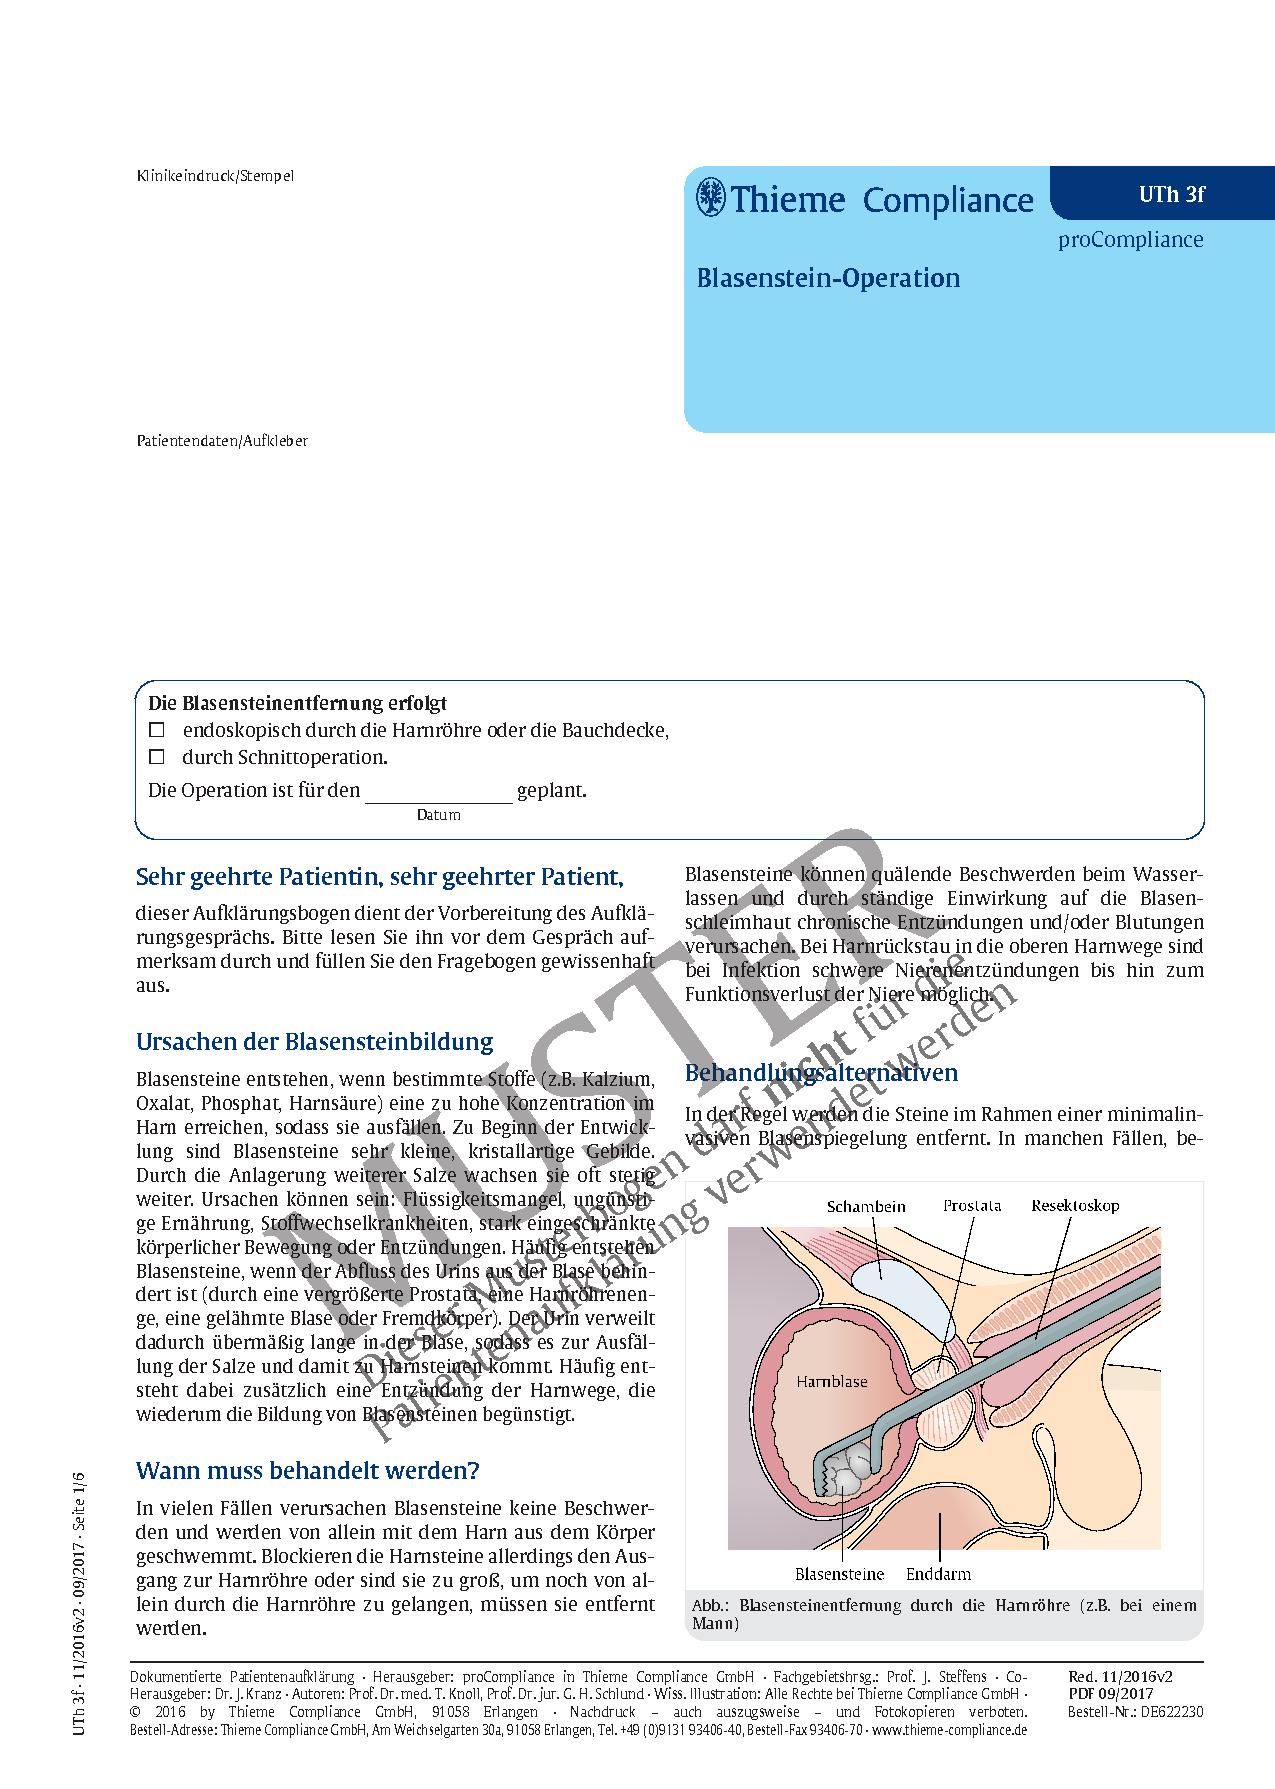 Fantastisch Wo Die Nieren Entfernt Fotos - Anatomie Ideen - finotti.info